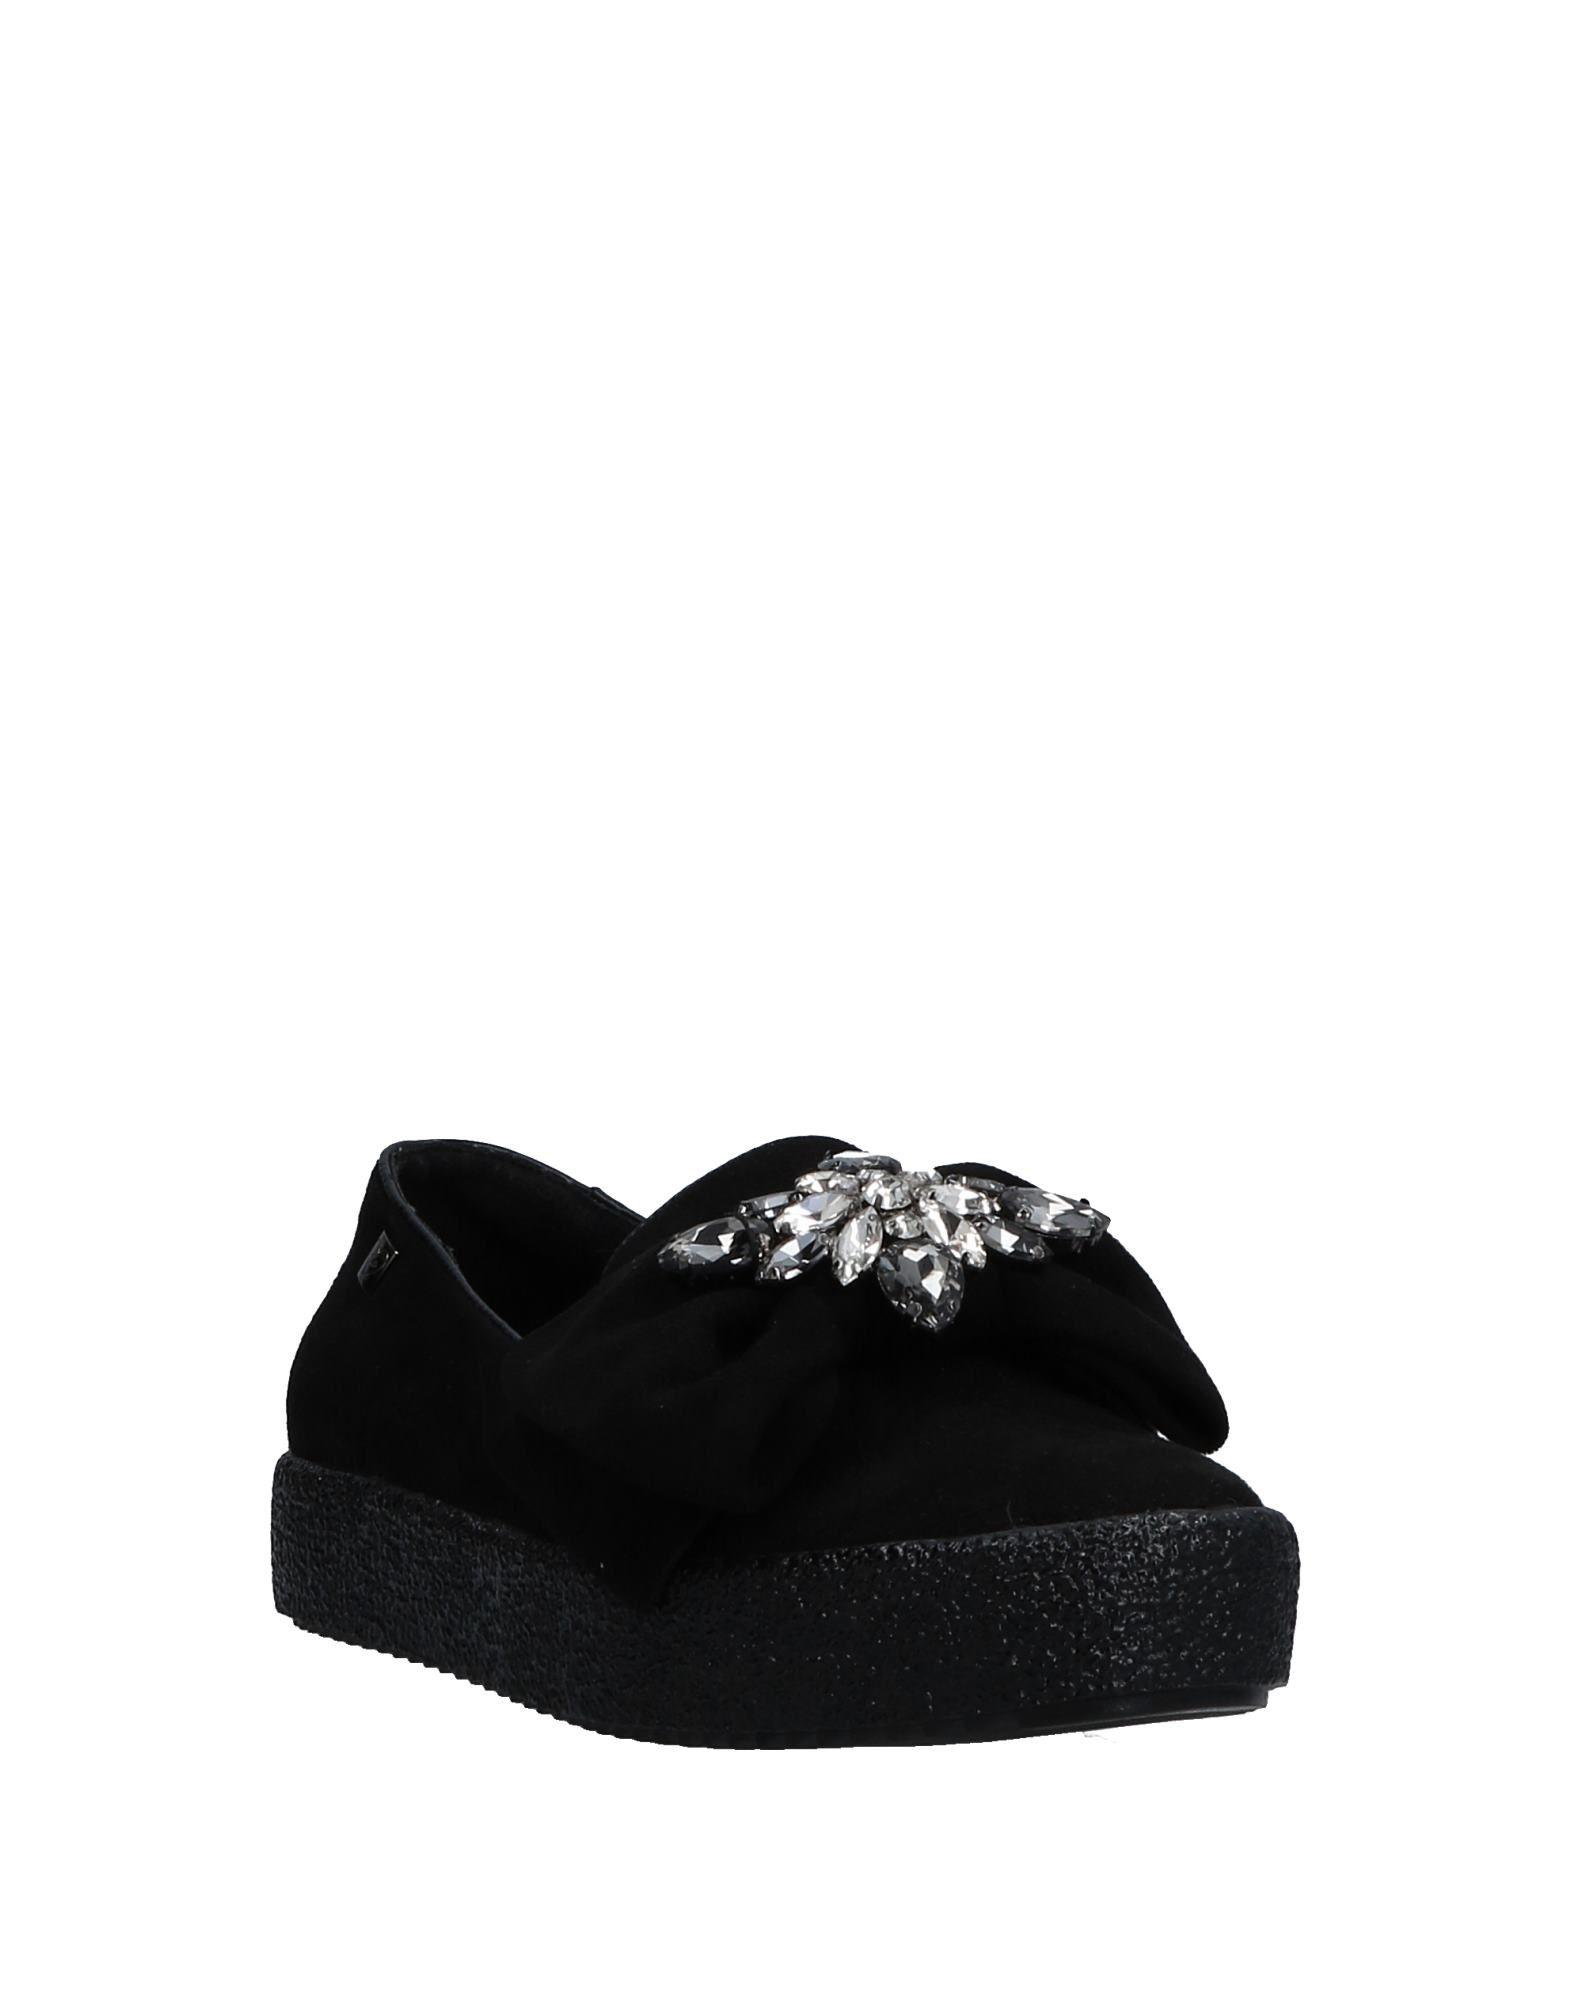 Braccialini Gute Mokassins Damen  11527012XT Gute Braccialini Qualität beliebte Schuhe c7e517